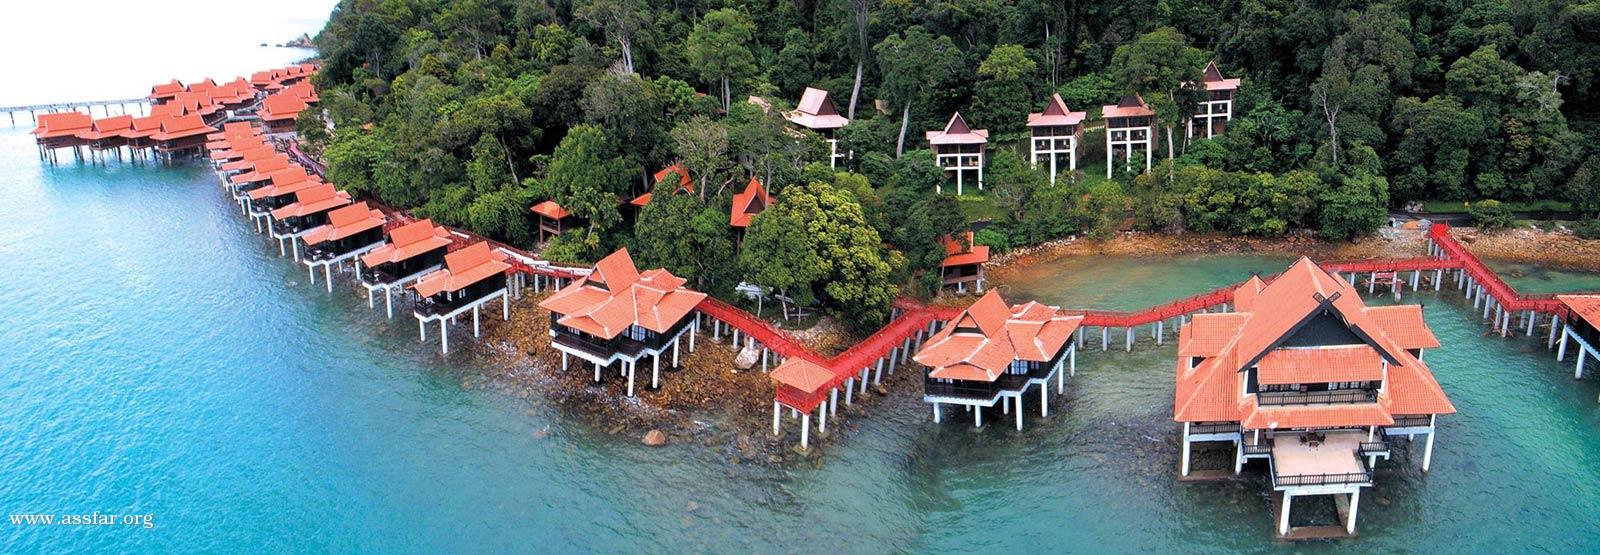 افضل جزر تايلاند لمحبي الاستجمام (6)